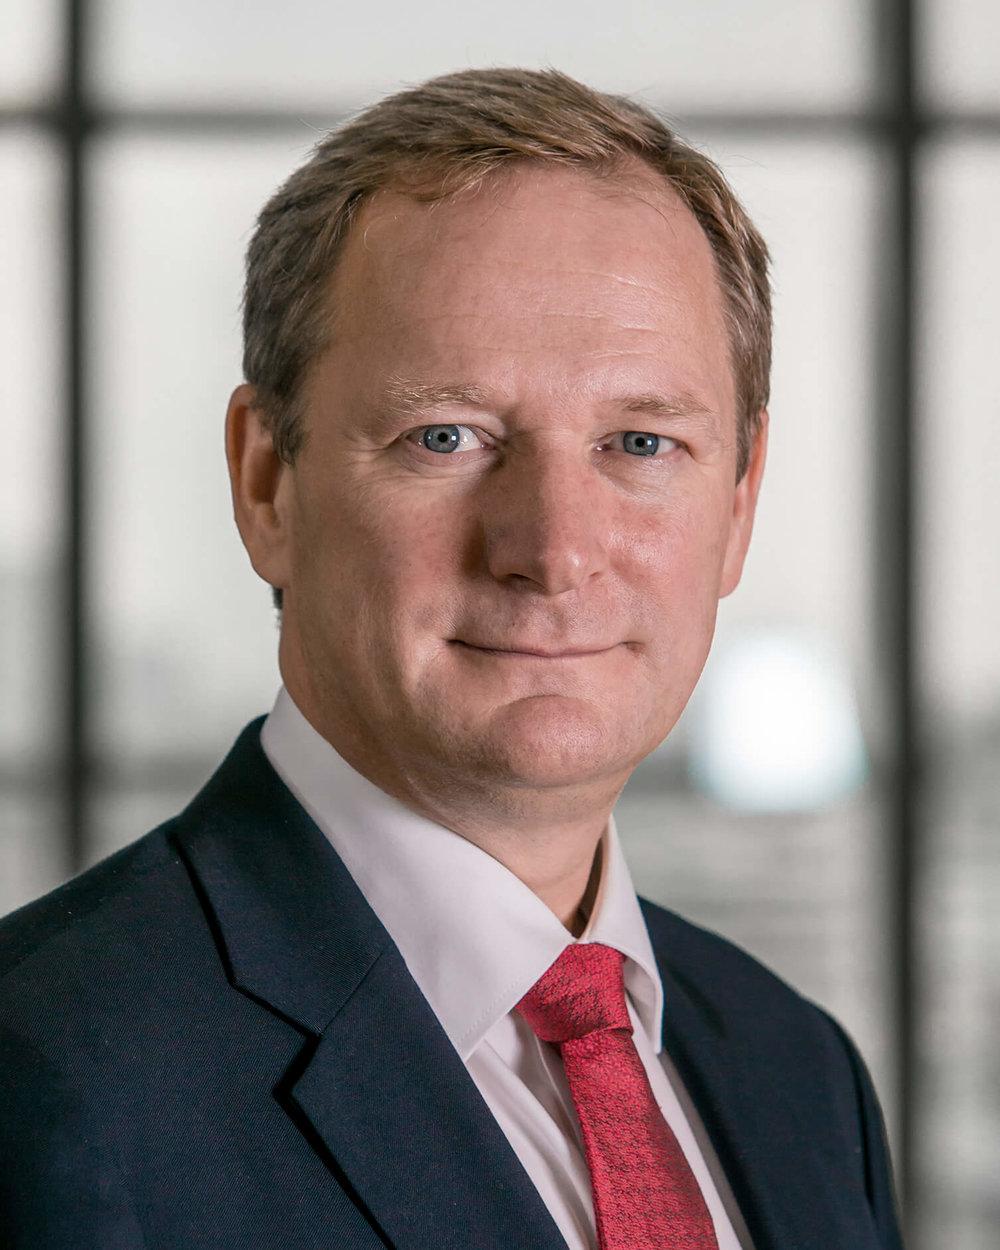 Vincent Vandendael